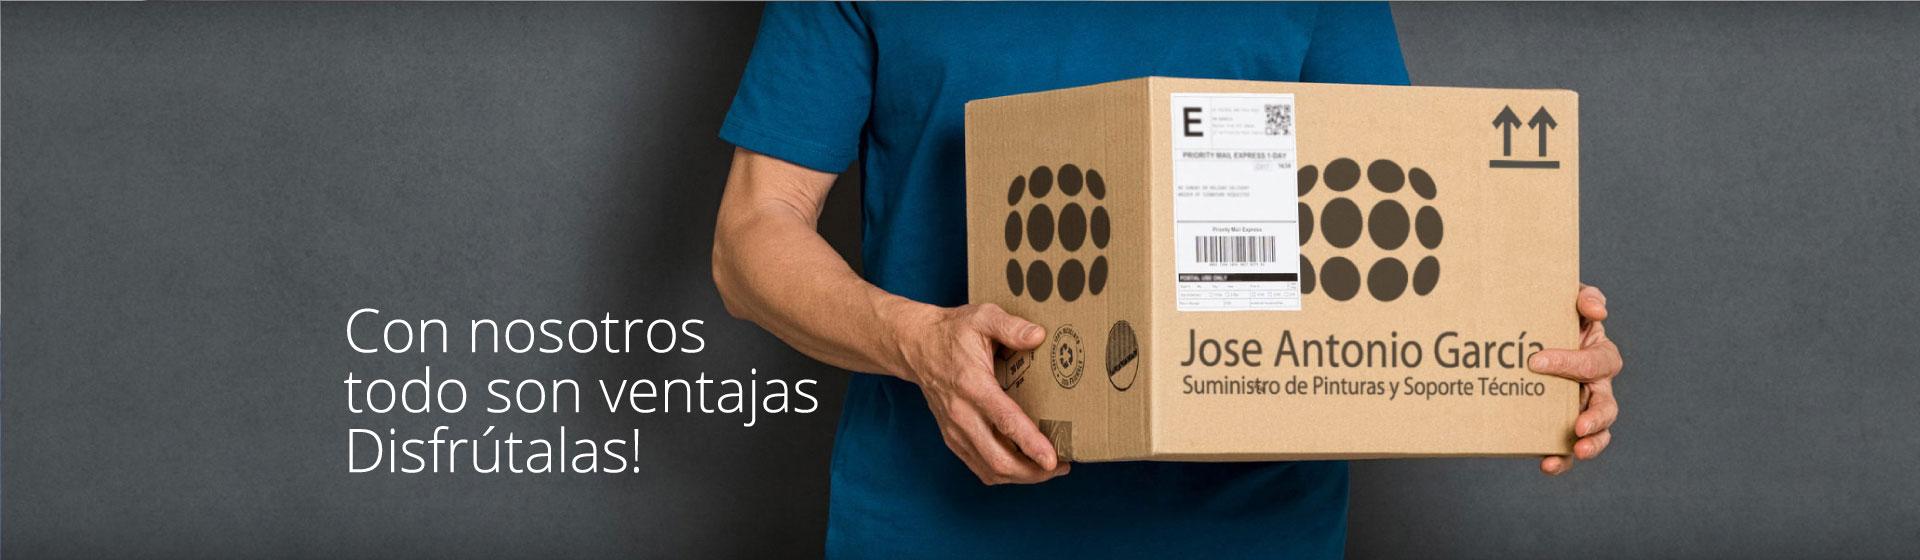 Servicios Jose Antonio García. Pintura y materiales auxiliares en la comunidad valenciana